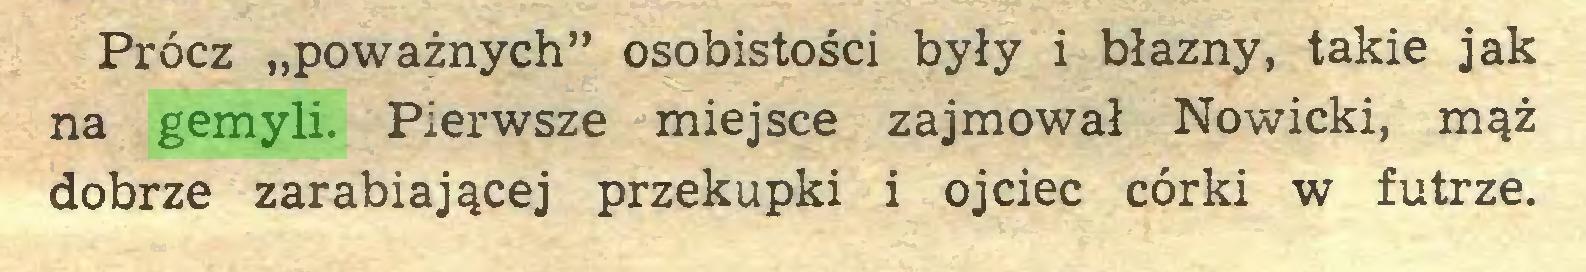 """(...) Prócz """"poważnych"""" osobistości były i błazny, takie jak na gemyli. Pierwsze miejsce zajmował Nowicki, mąż dobrze zarabiającej przekupki i ojciec córki w futrze..."""